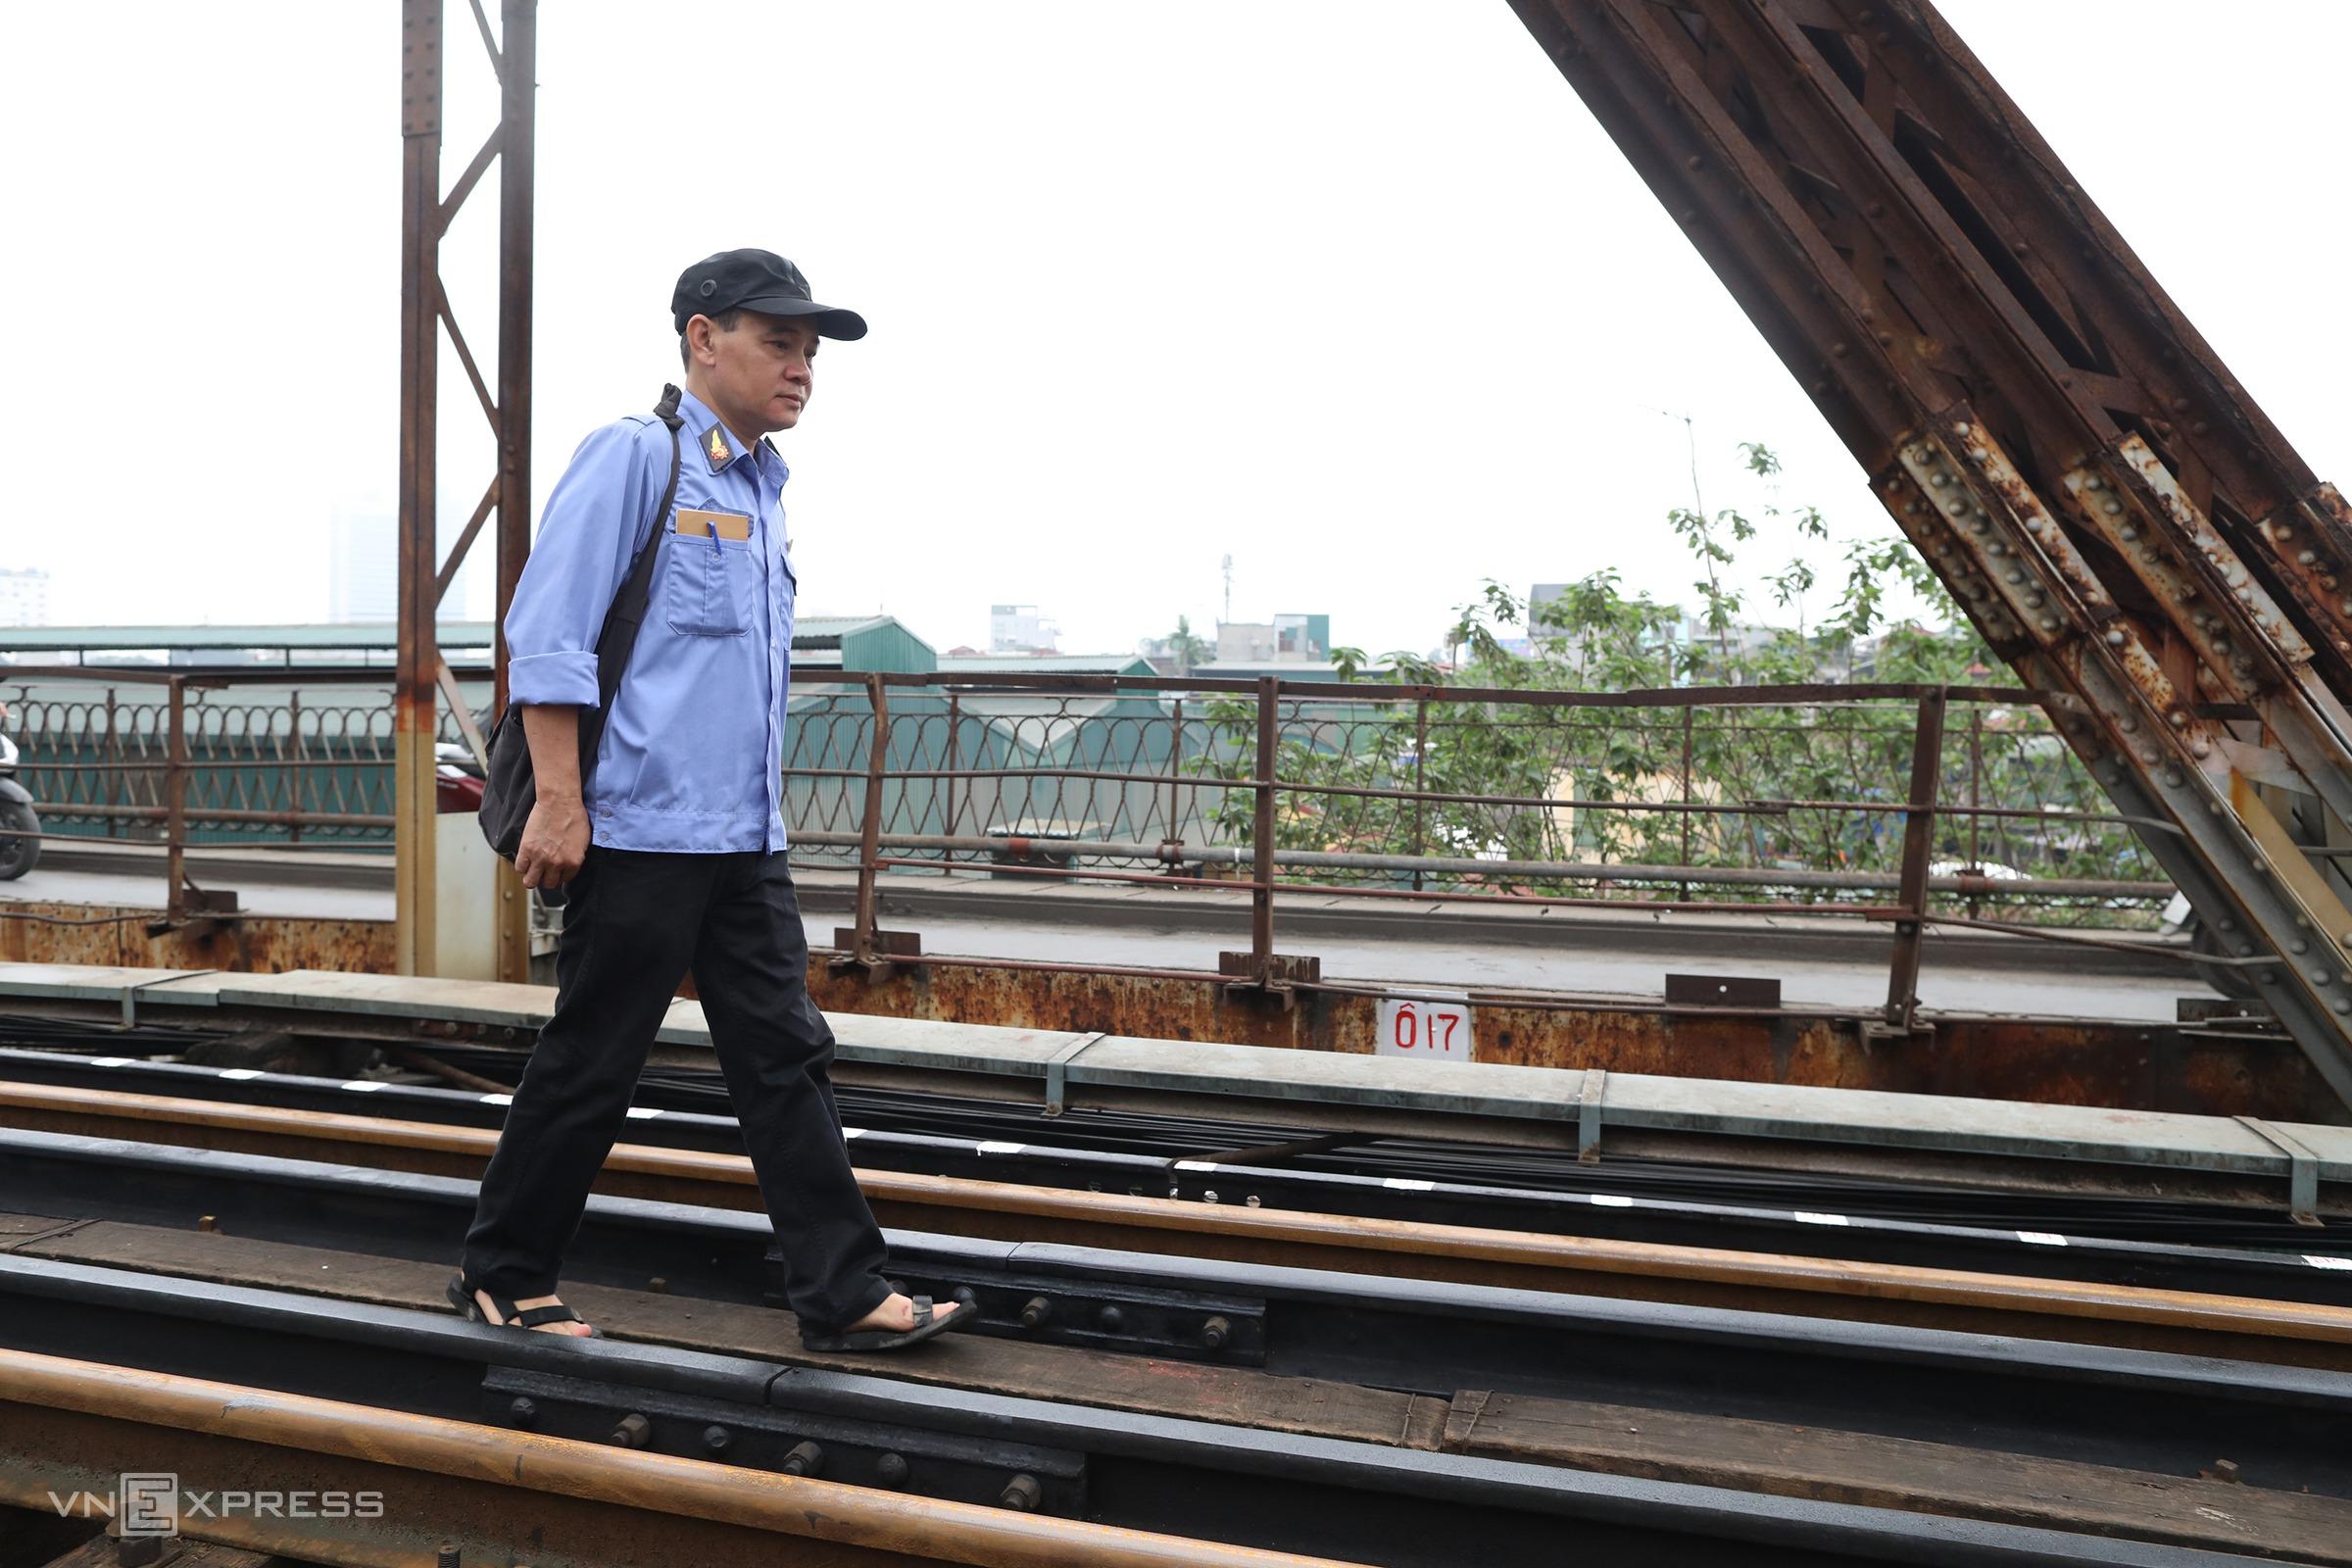 Nhân viên tuần đường sắt trên cầu Long Biên. Ảnh: Ngọc Thành.